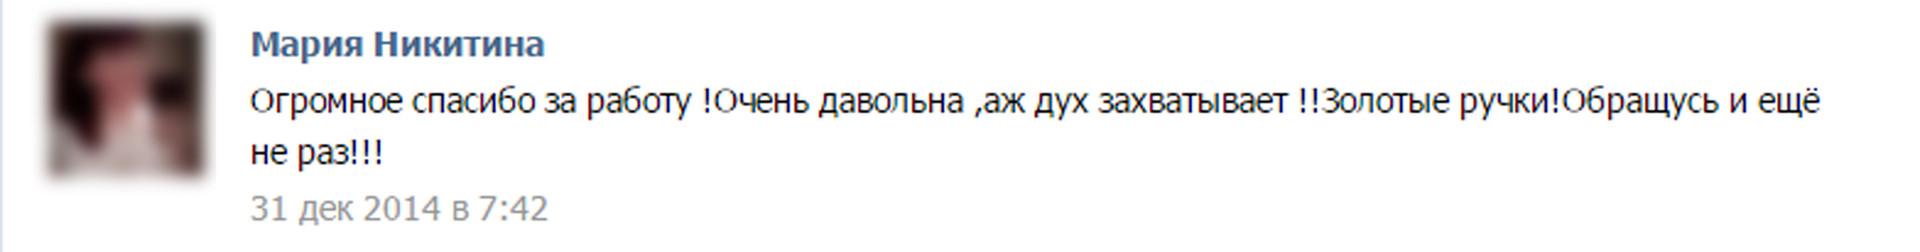 Отзывы (49).jpg